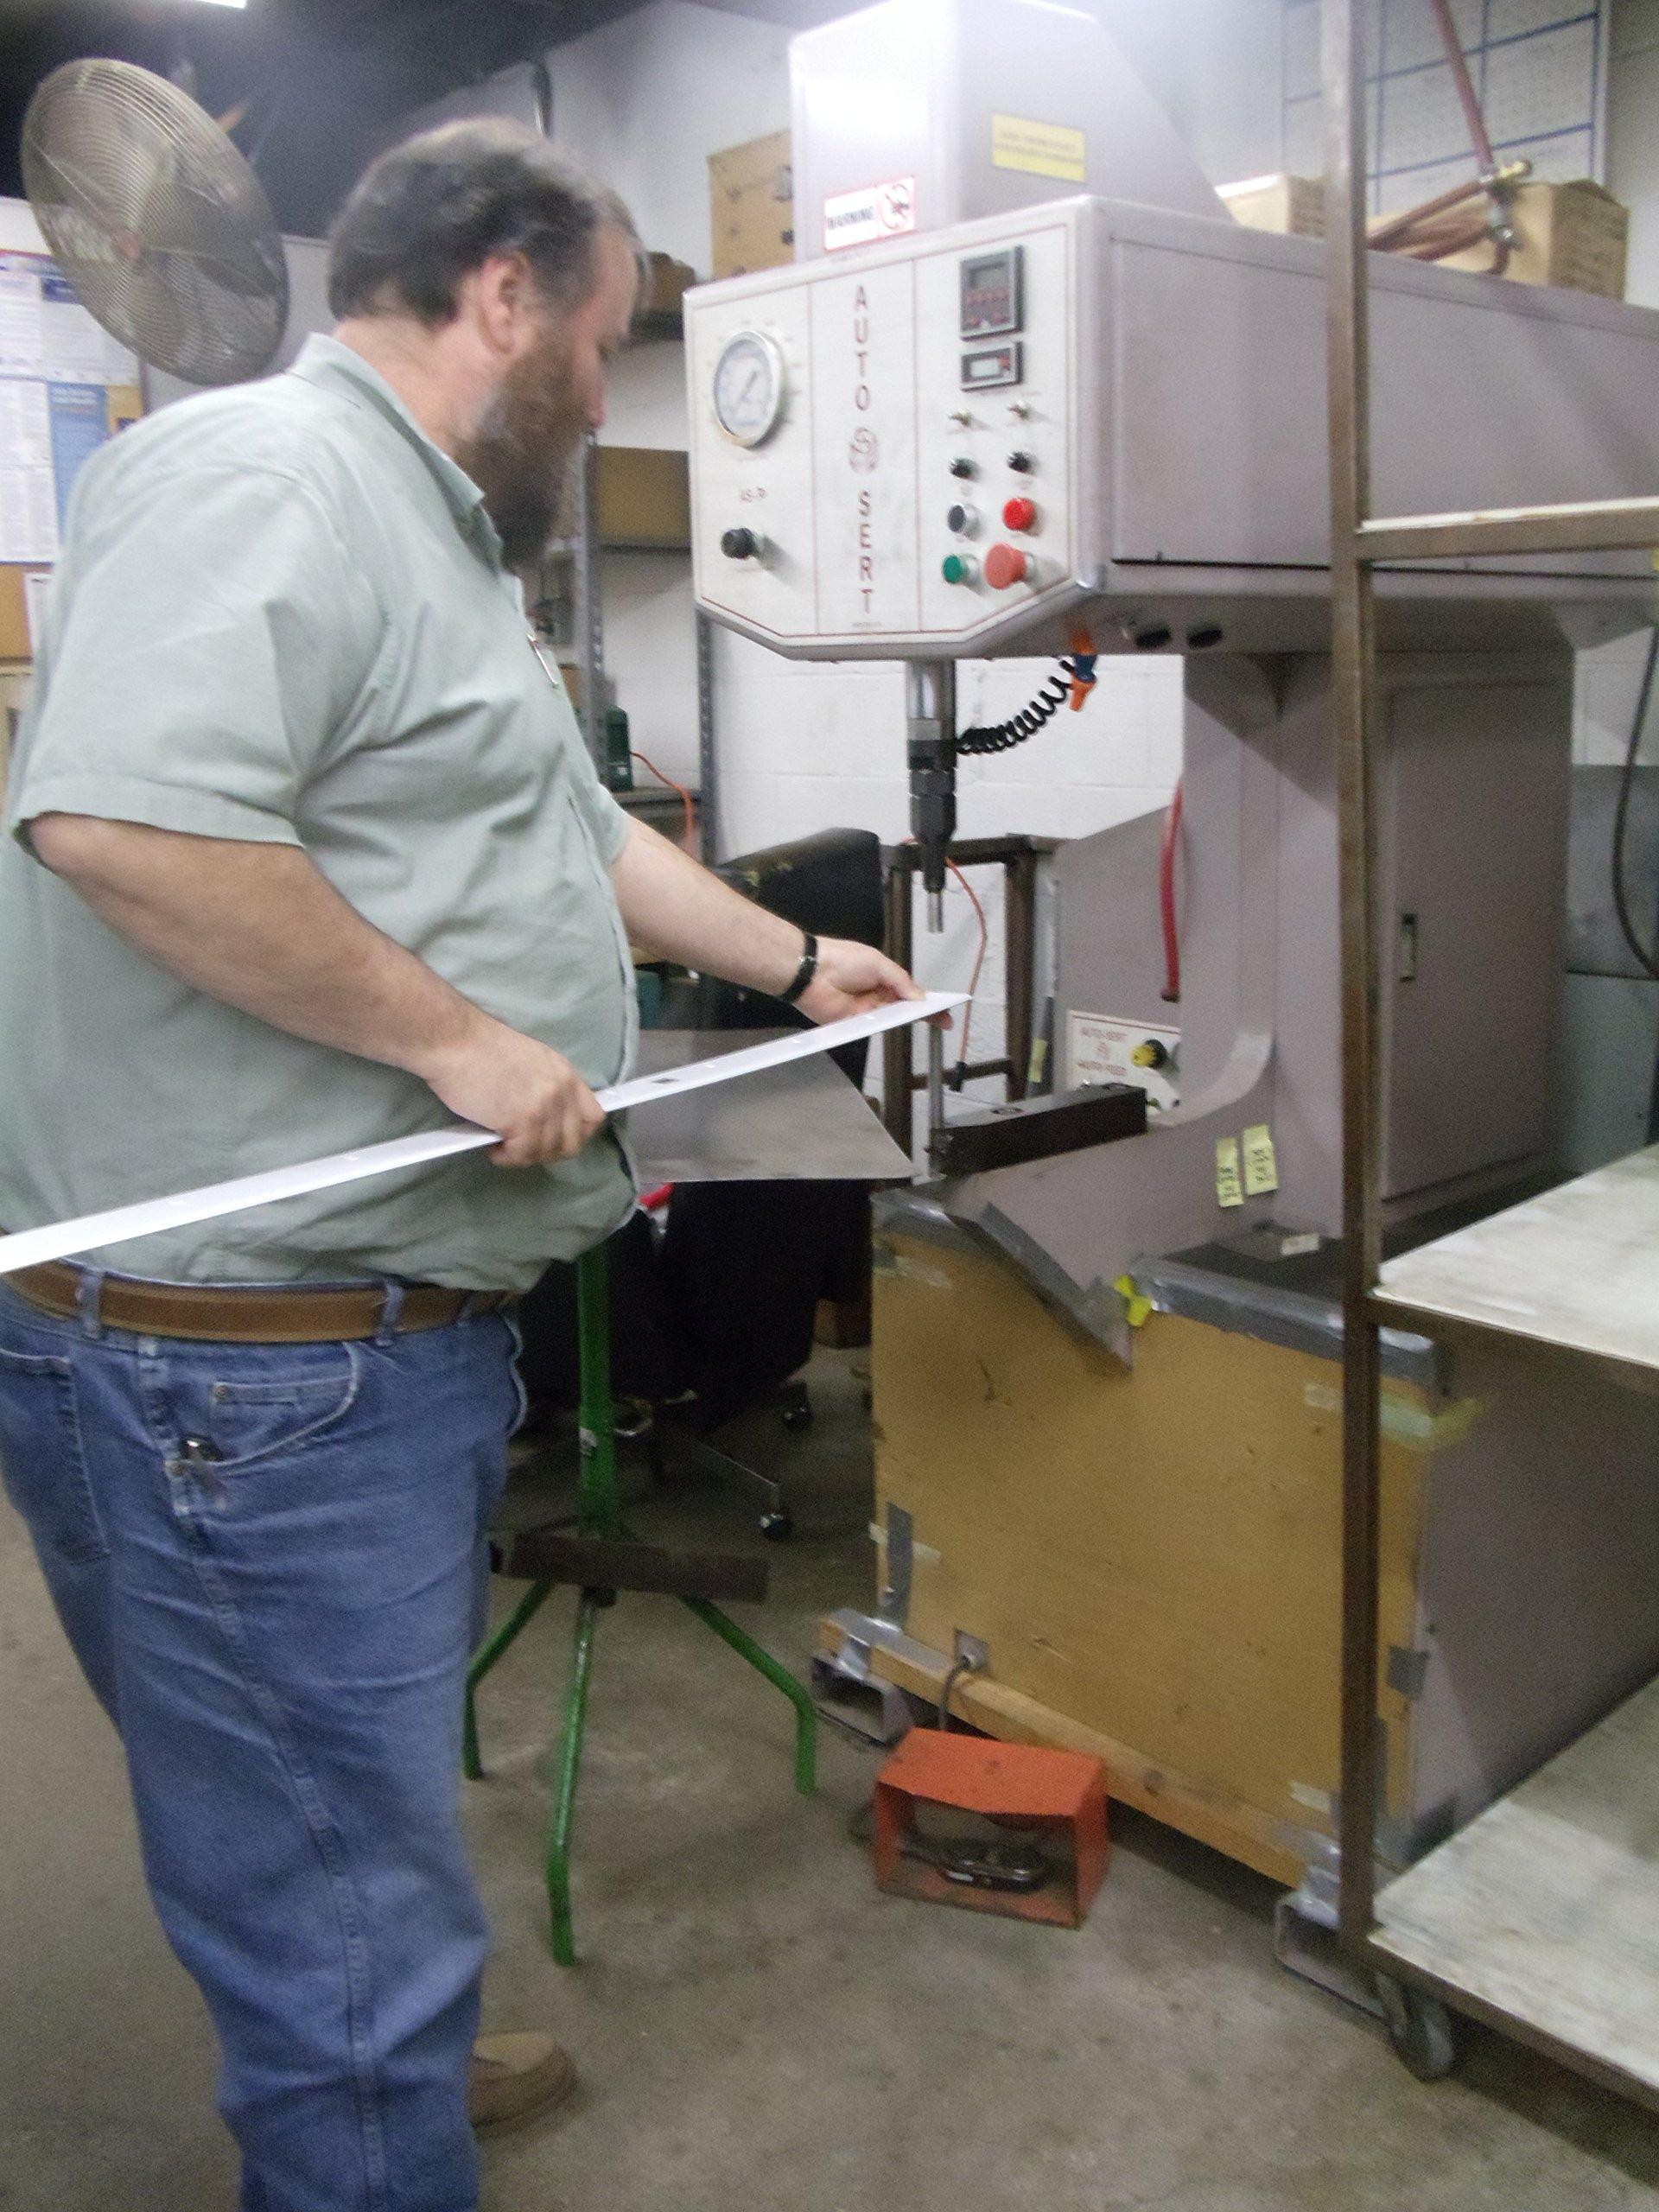 Door Jamb Pro - 48'' Door Frame Reinforcement Strike Plate; Fits 1 3/4'' Thick Entry Doors by Door Security Pro (Image #1)